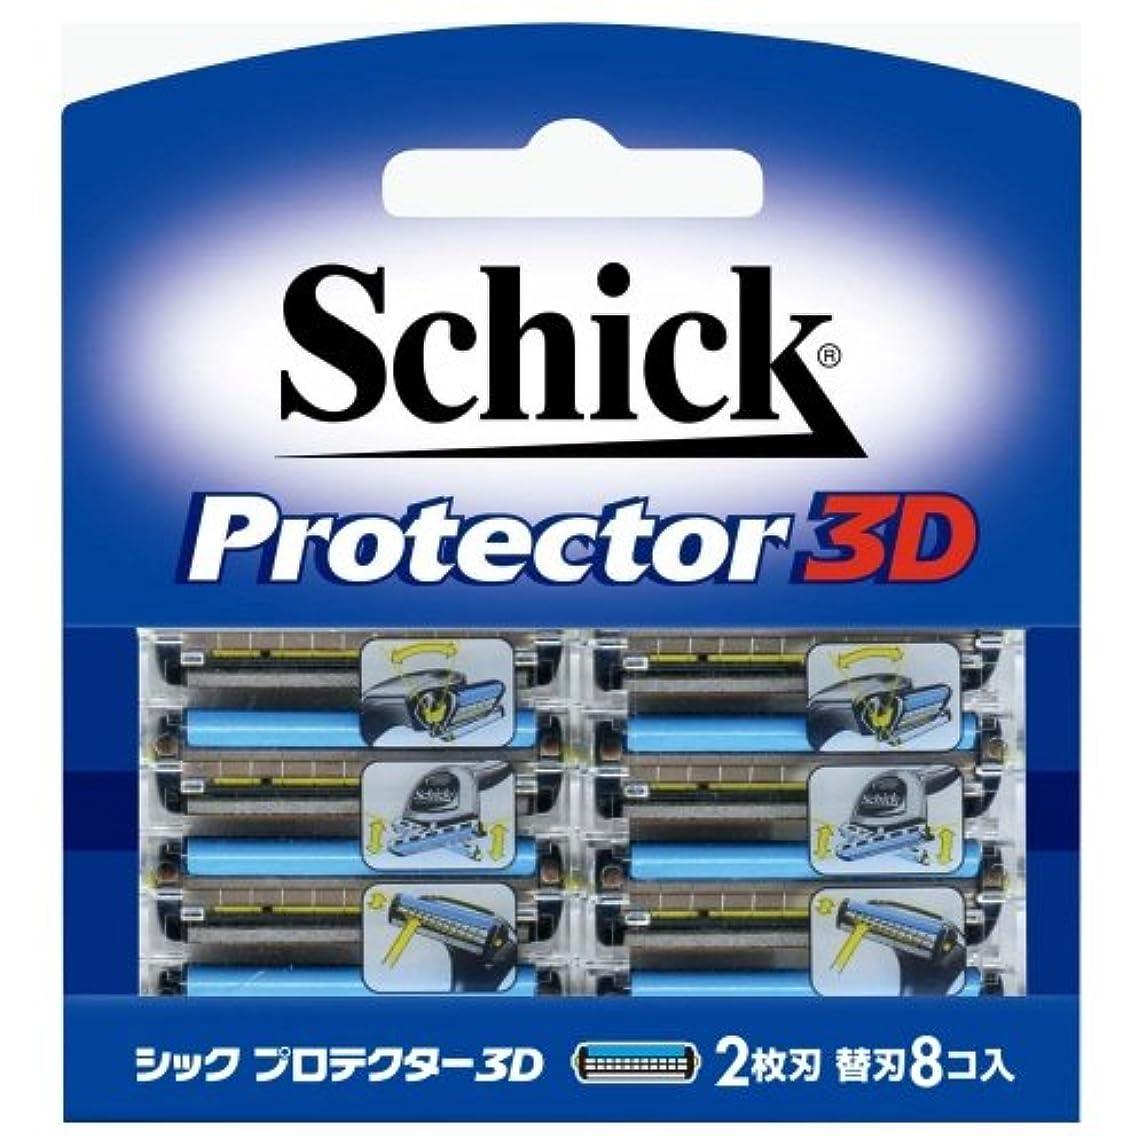 虚栄心アーサーコナンドイルムスタチオシック プロテクター3D 替刃(8コ入)